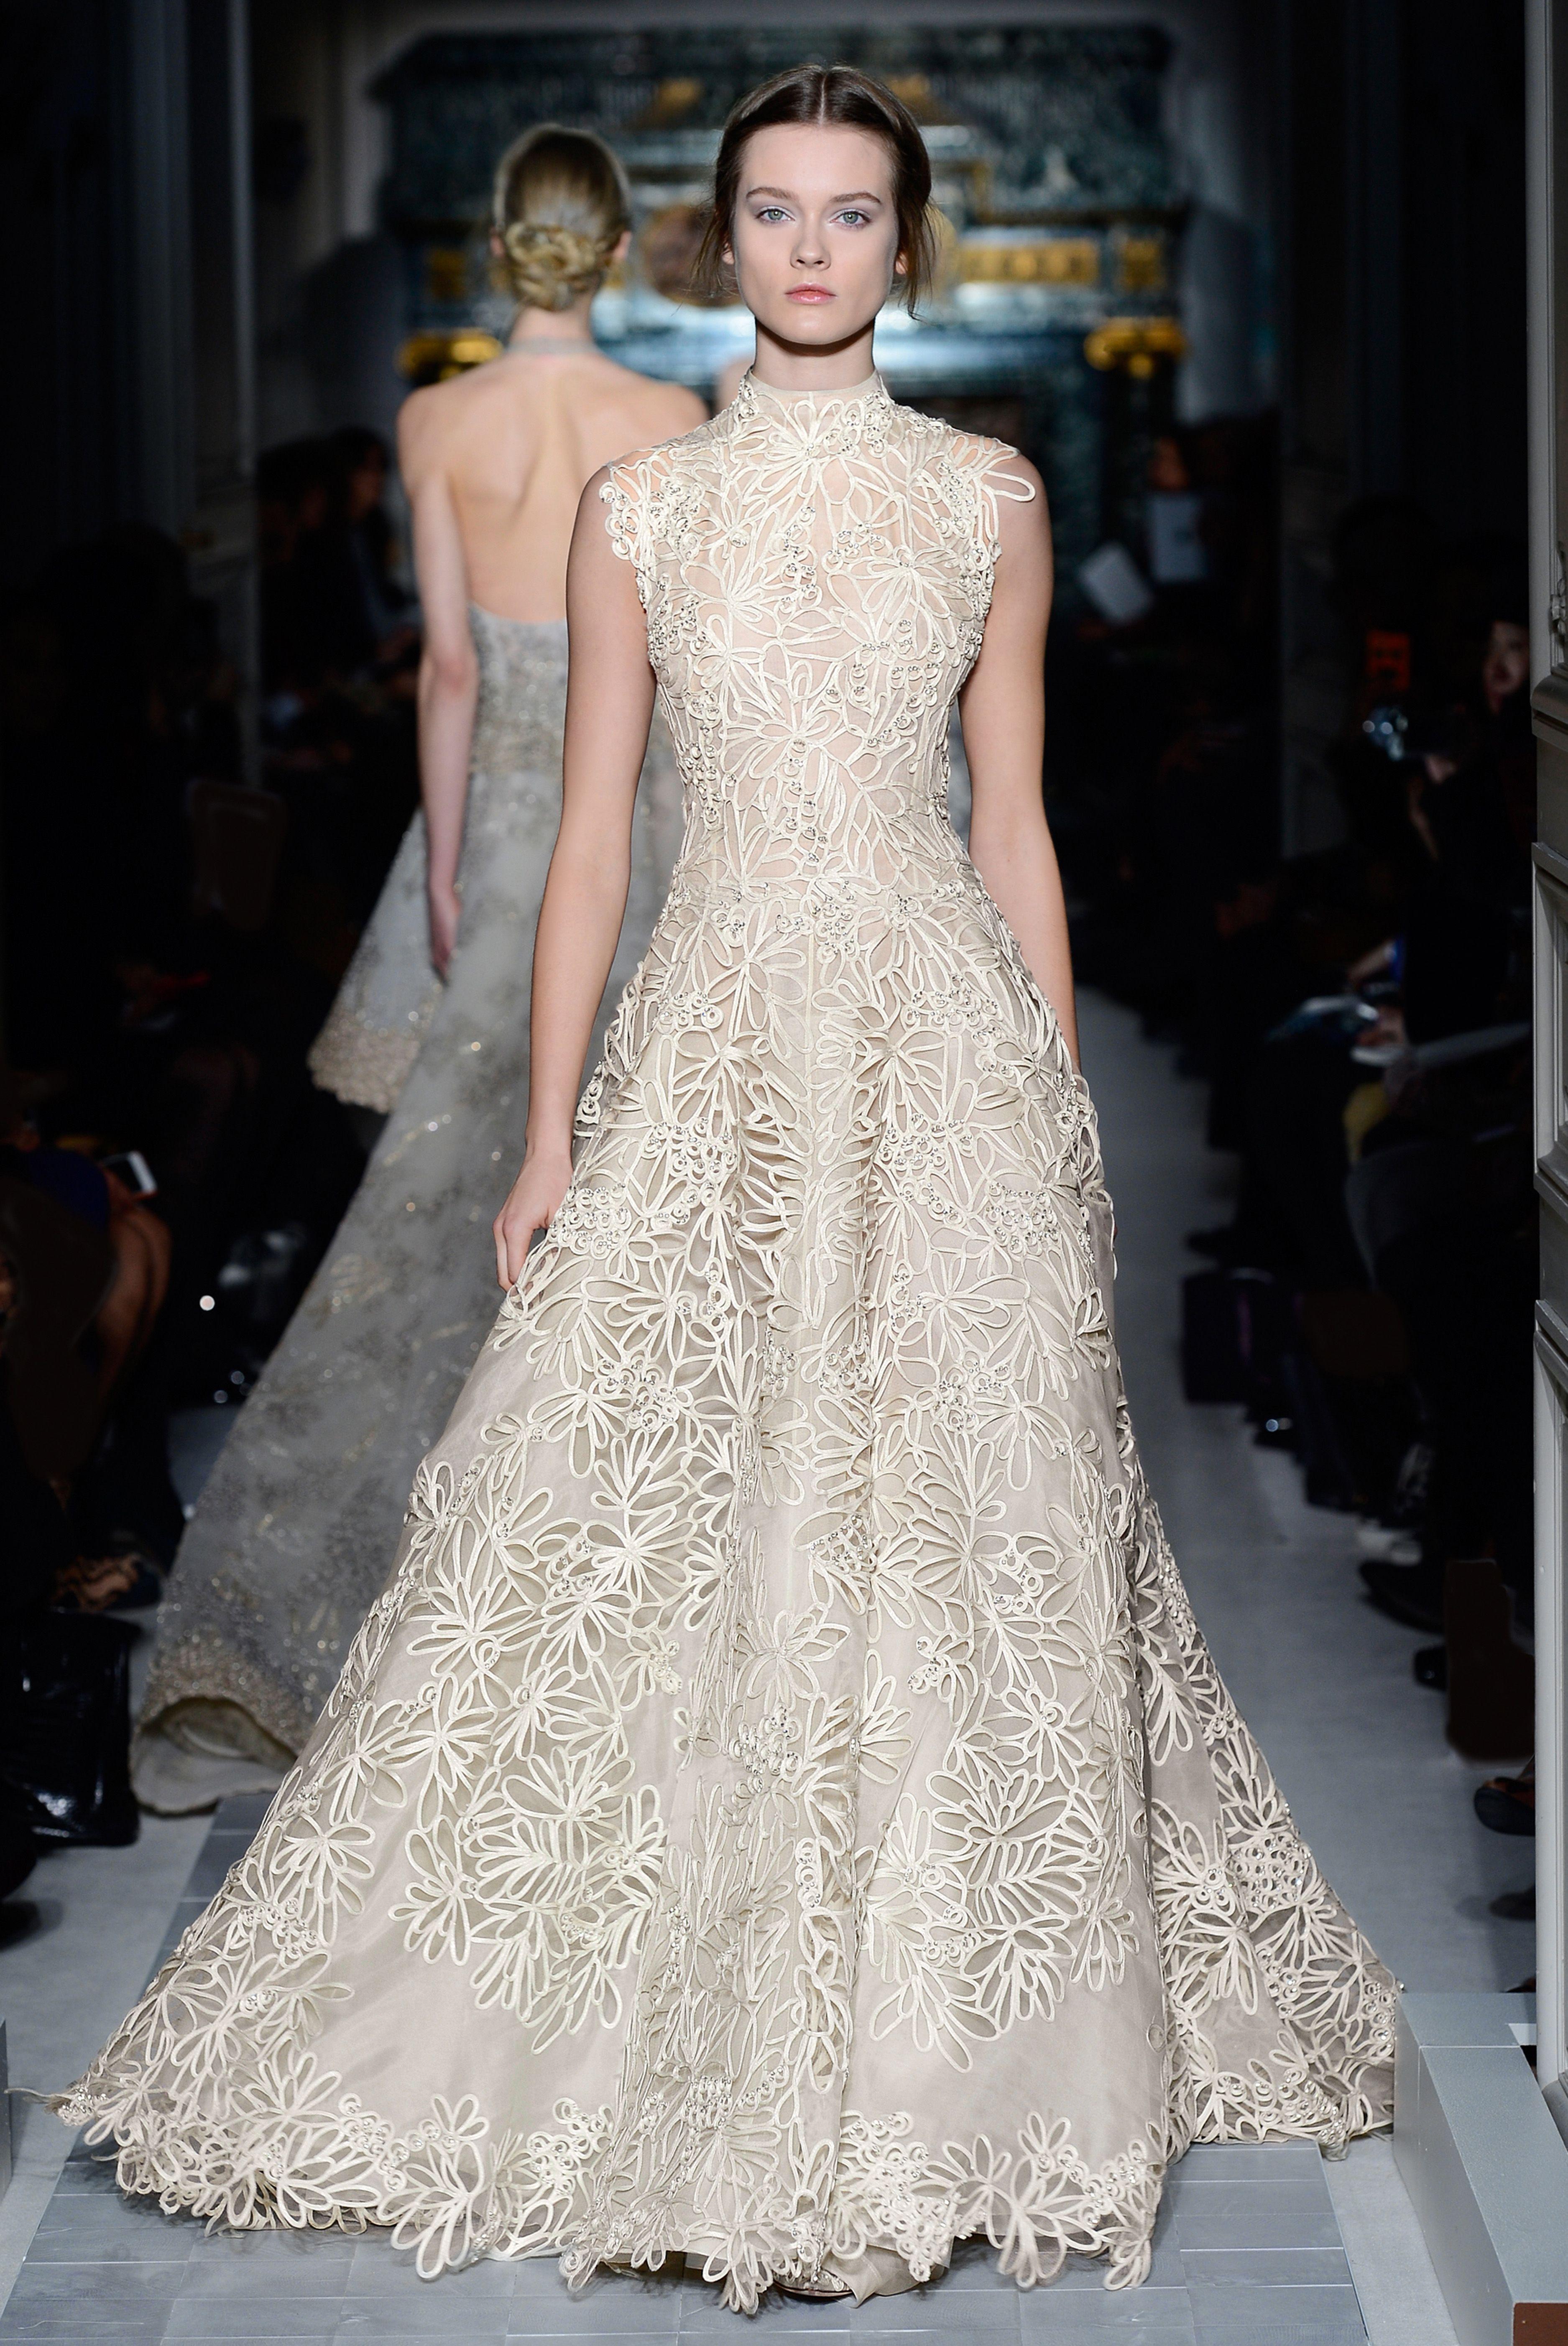 Hochzeitskleid spitze valentino – Populärer Kleiderstandort-Fotoblog